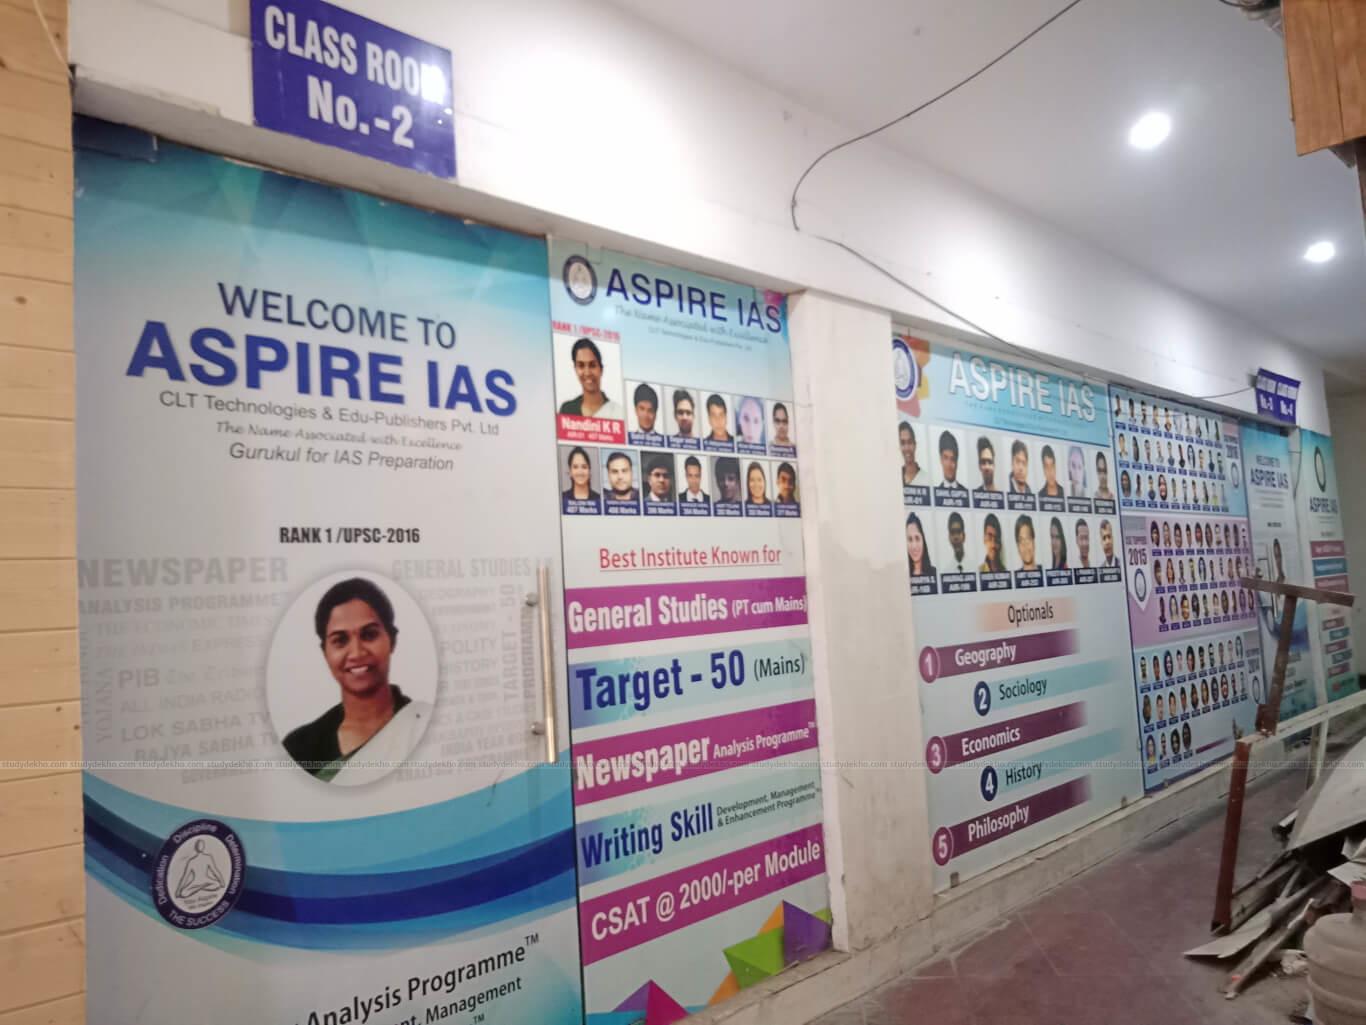 Aspire IAS Logo